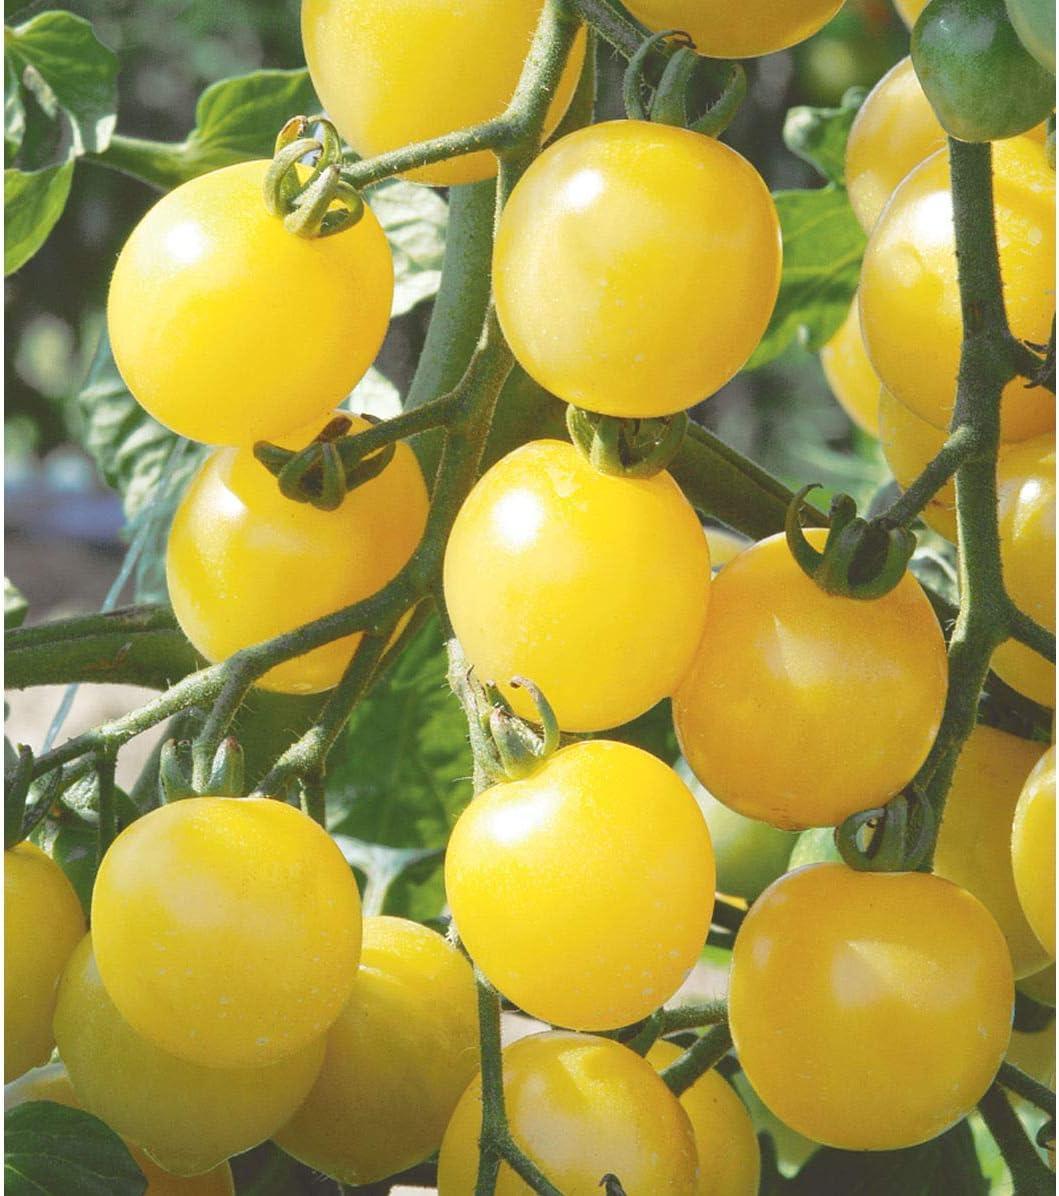 David's Garden Seeds Tomato Cherry White SL2979 (Yellow) 50 Non-GMO, Open Pollinated Seeds